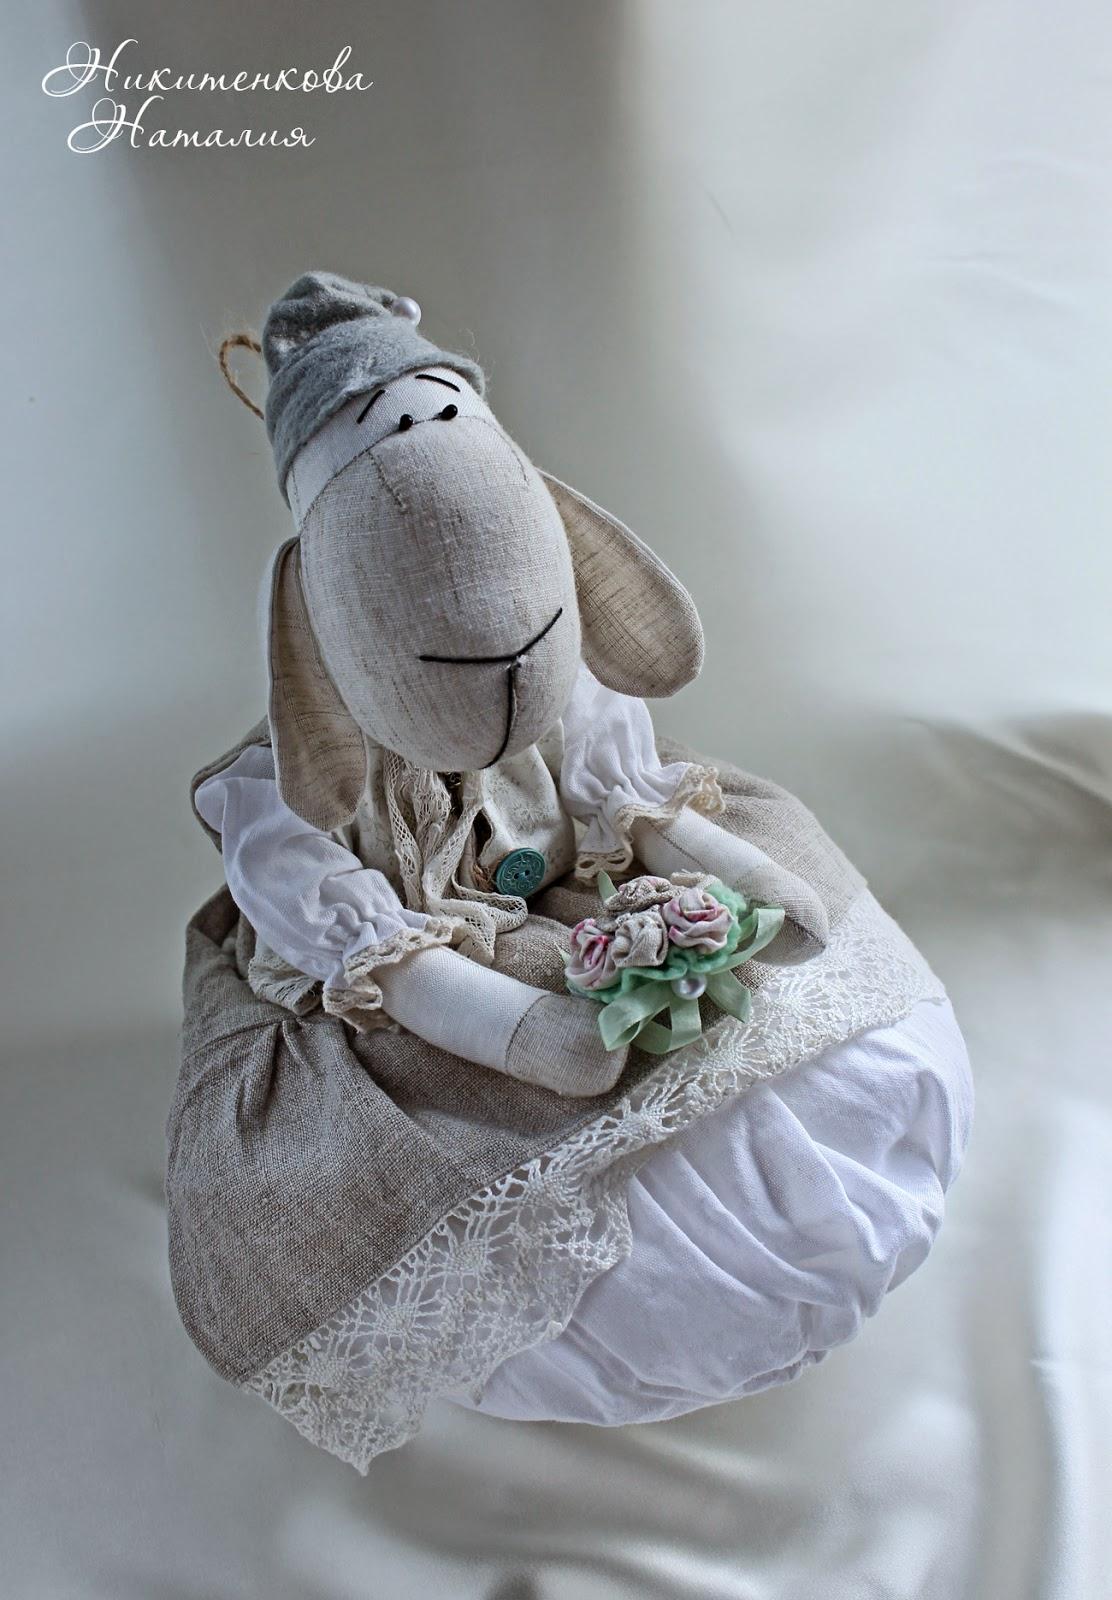 пакетница, овчека, стиль прованс, прованс, кухня в стиле прованс, для кухни подарок к Новому году, новогодний подарок, подарок маме, подарок женщине